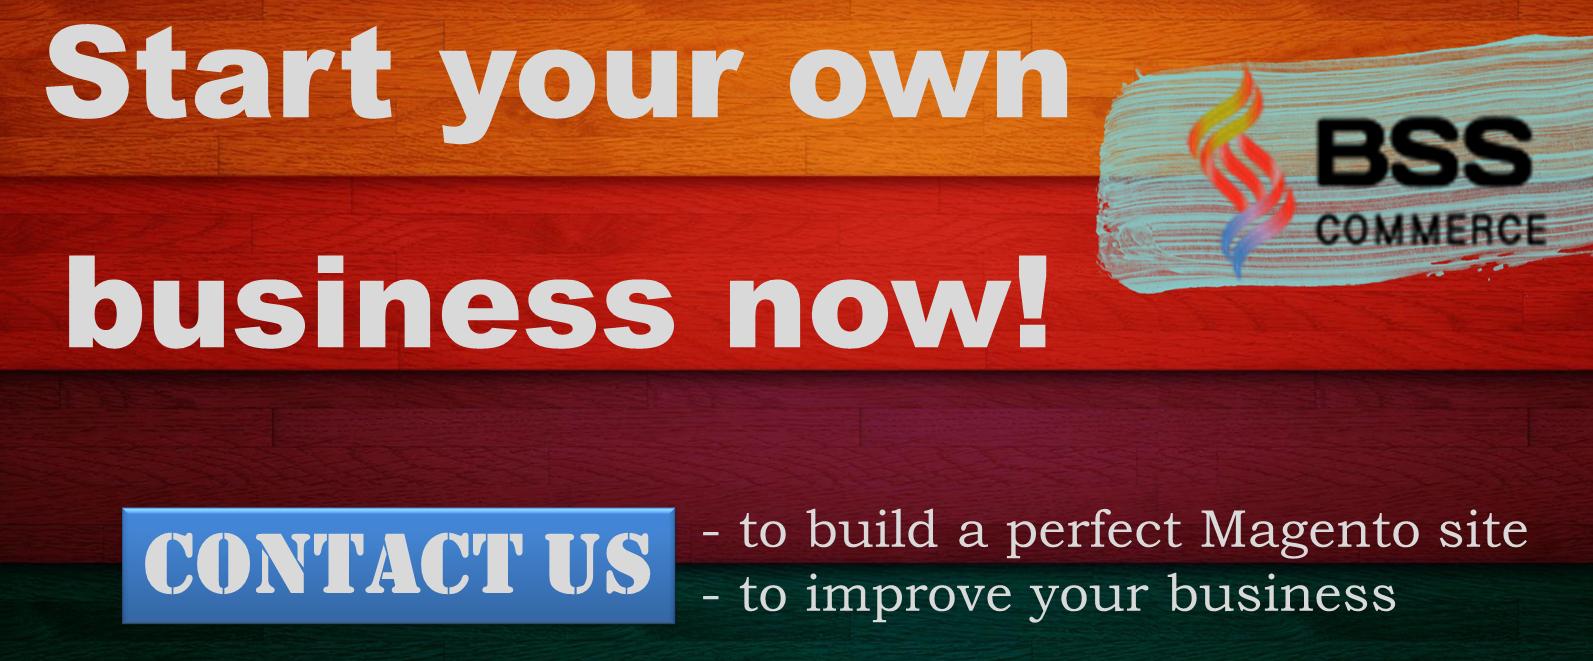 Bsscomerce_website_developement_service